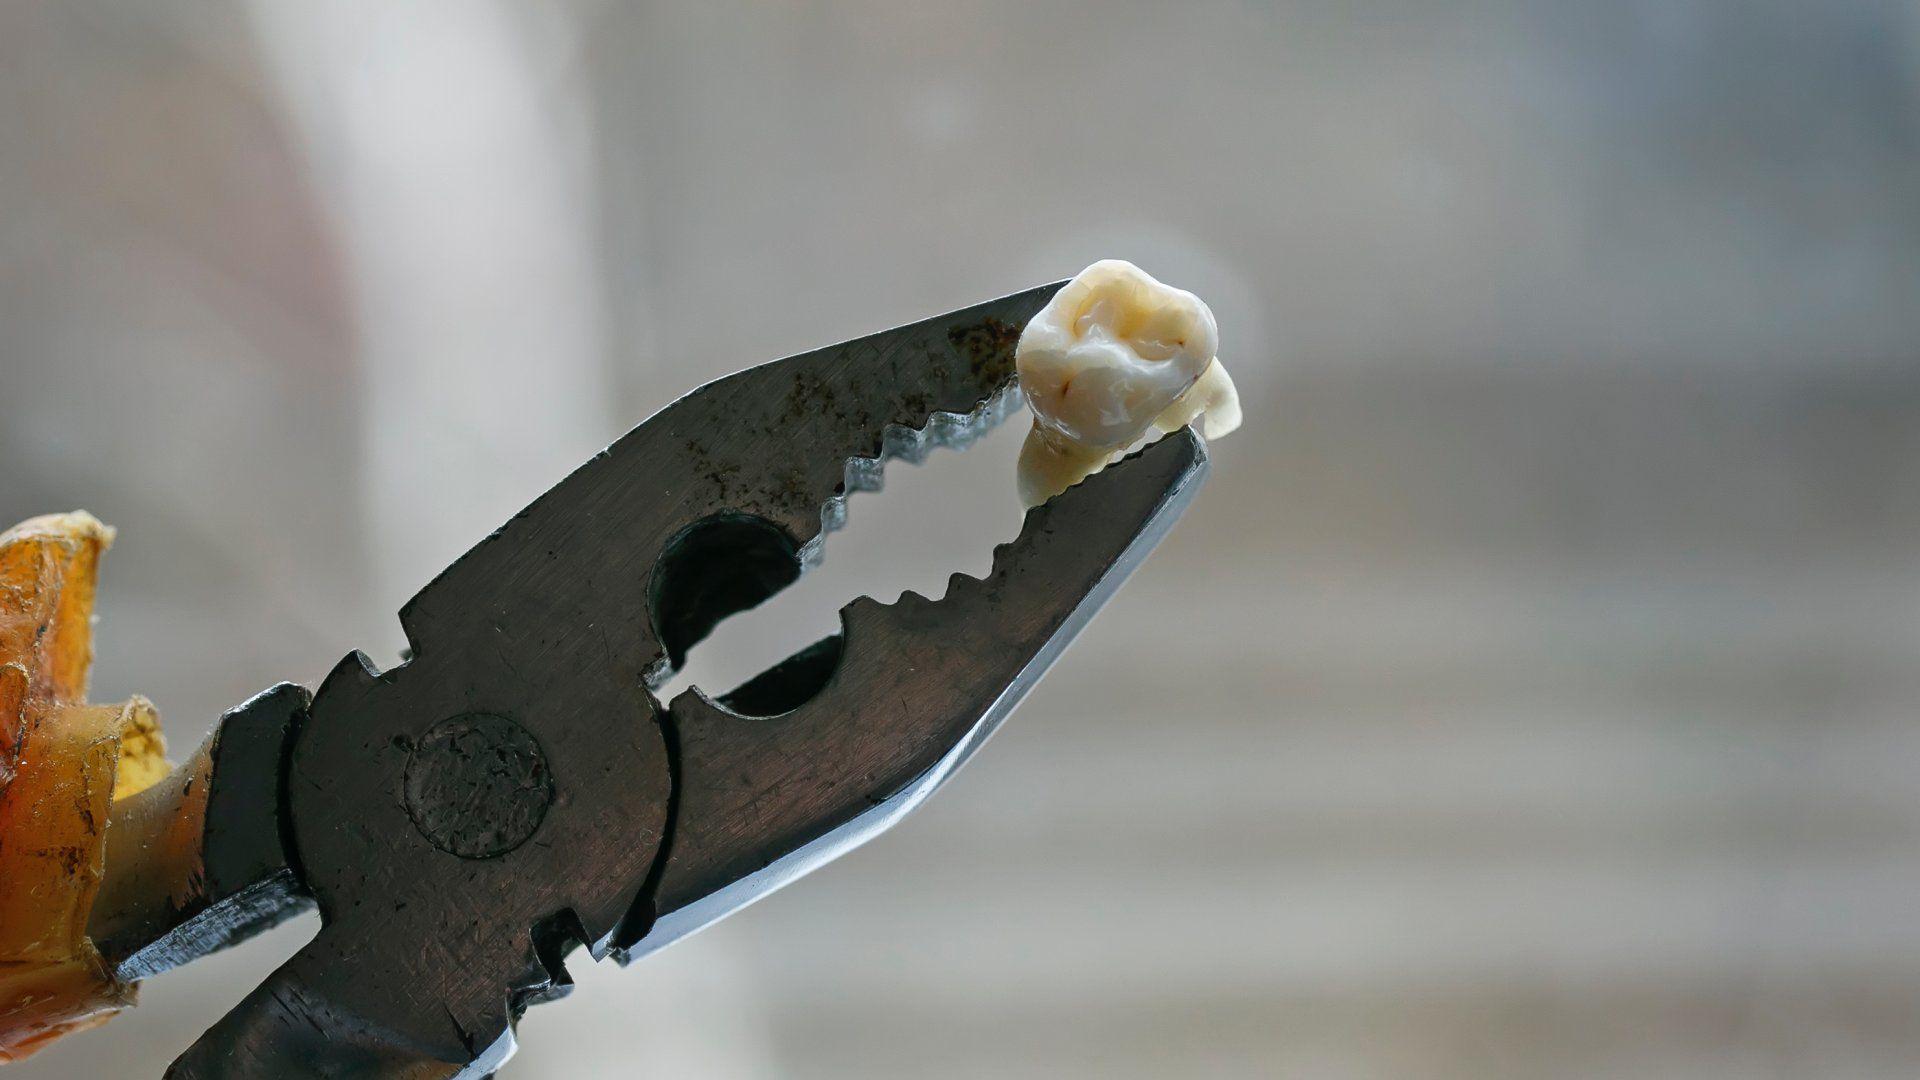 kombinált fogóval kihúzott fog